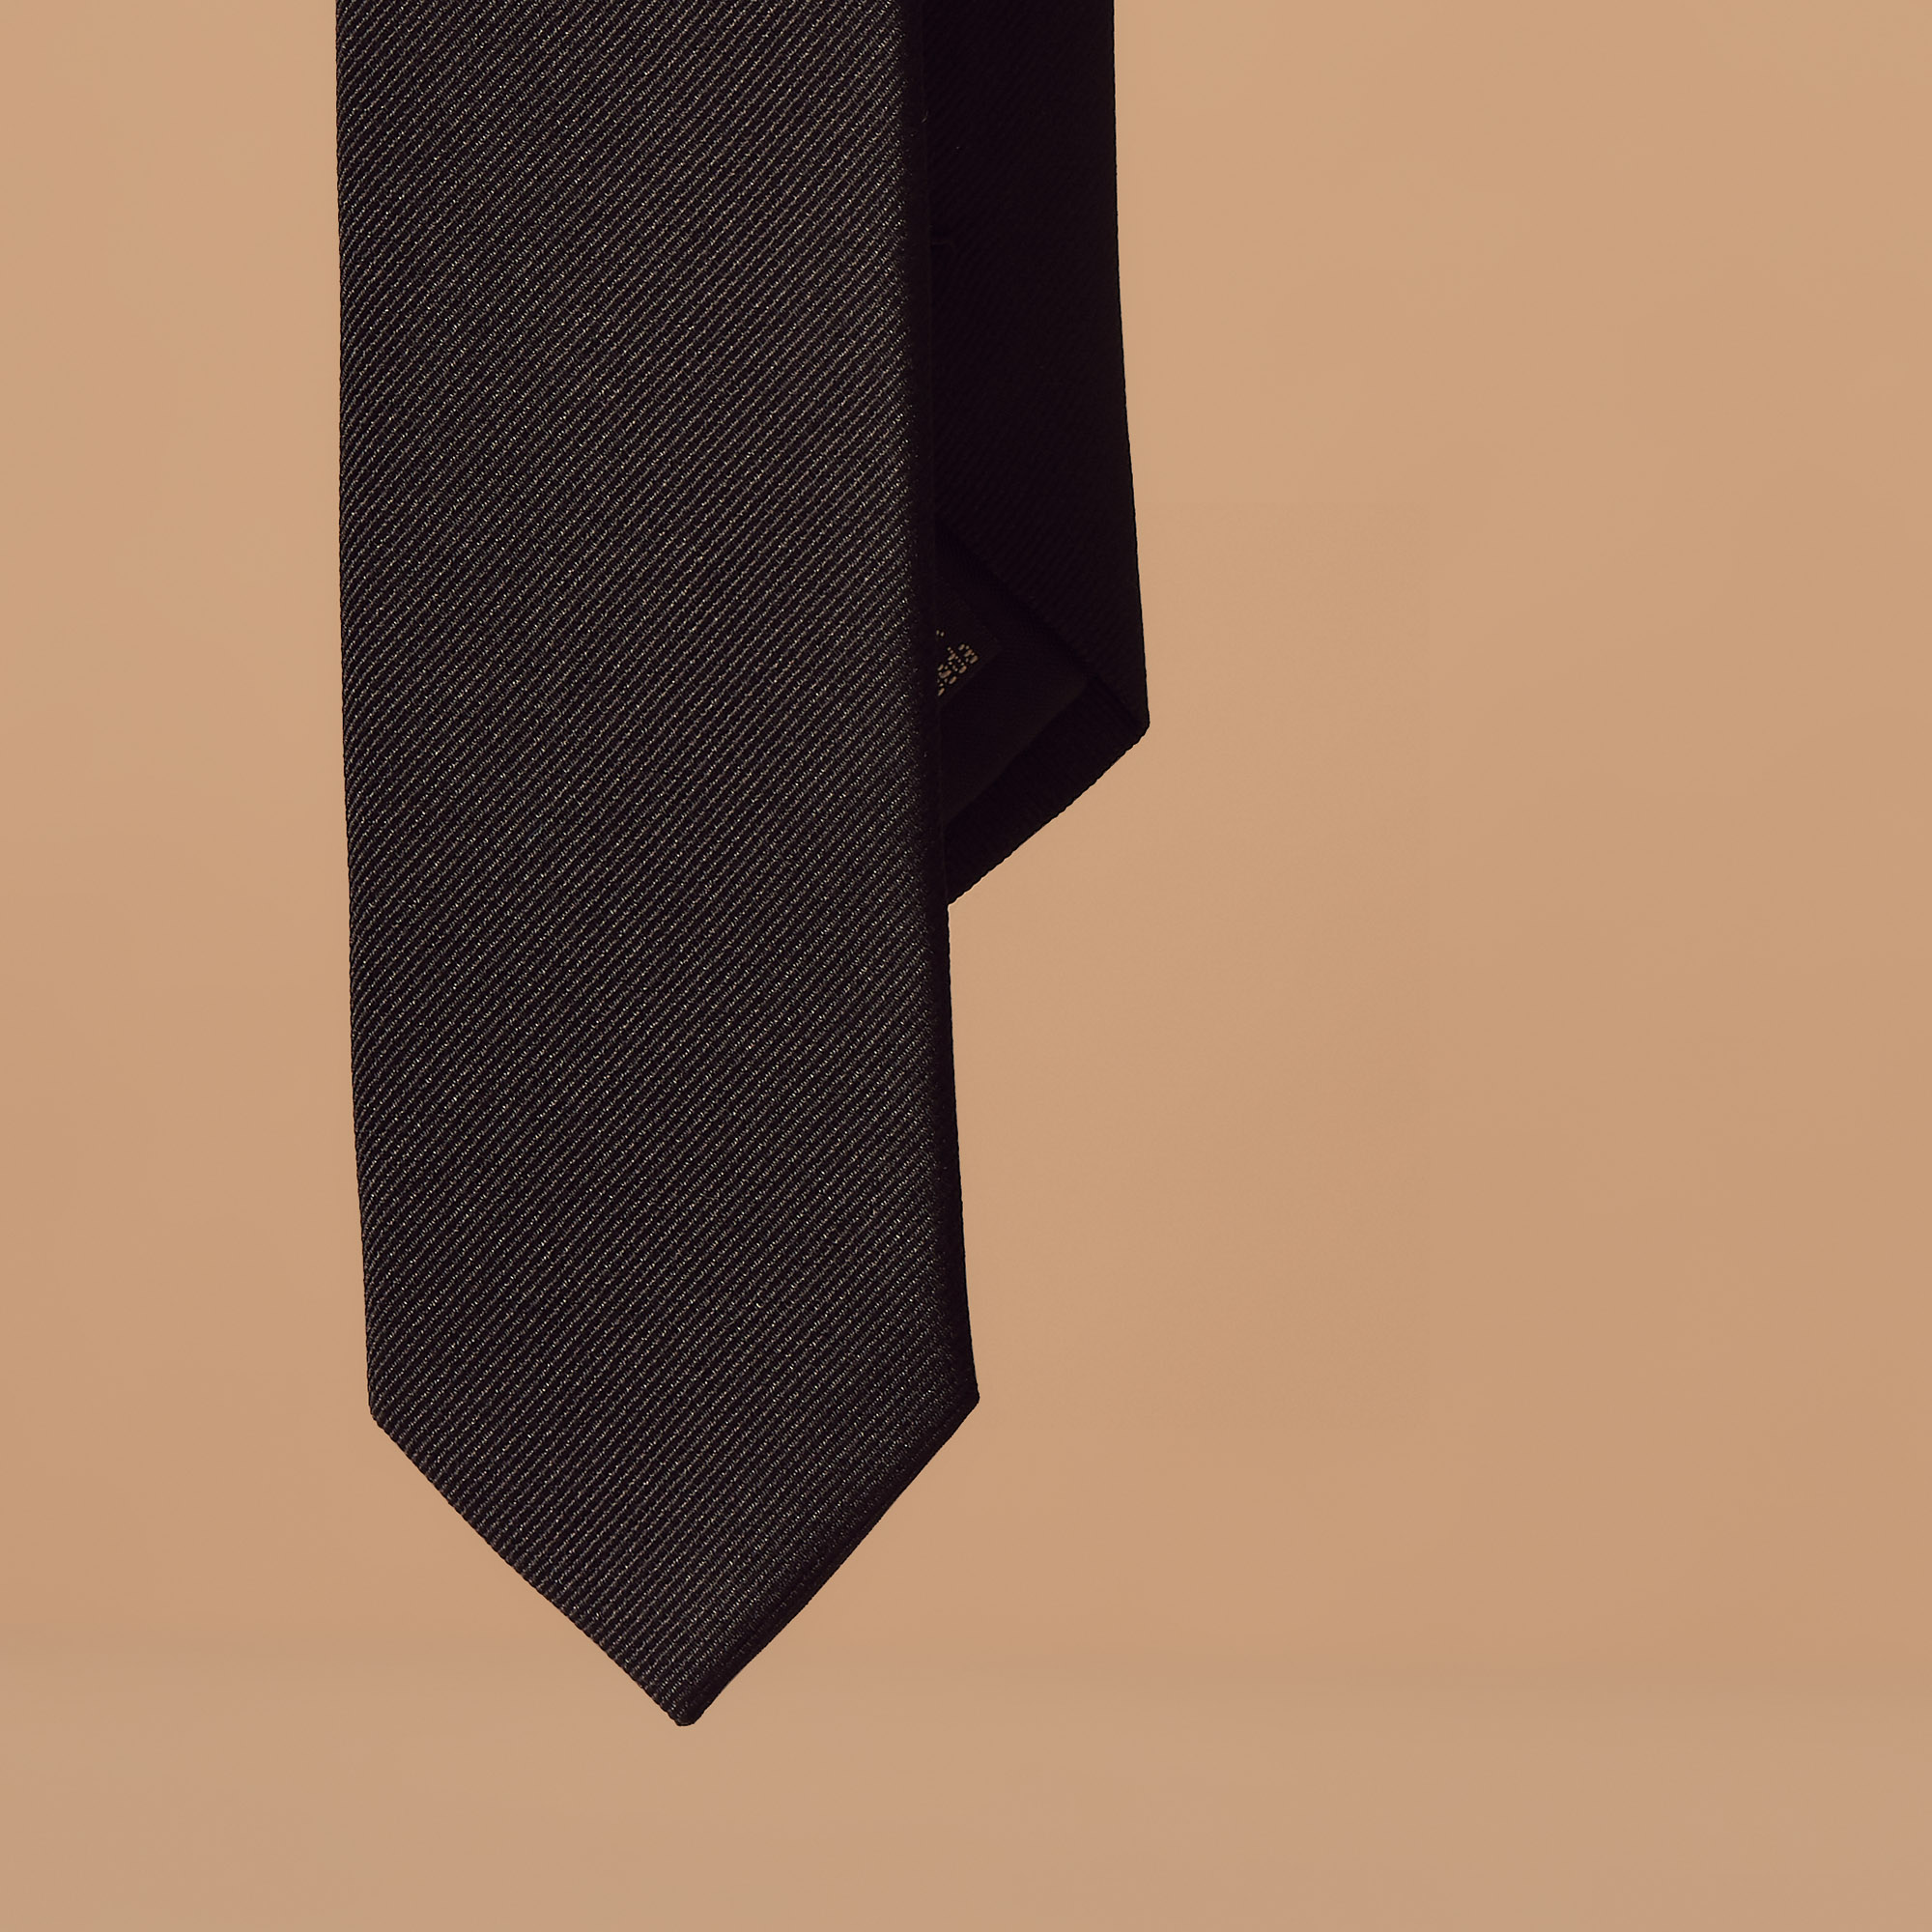 Cravatta classica in twill di seta : Collezione Estiva colore Nero